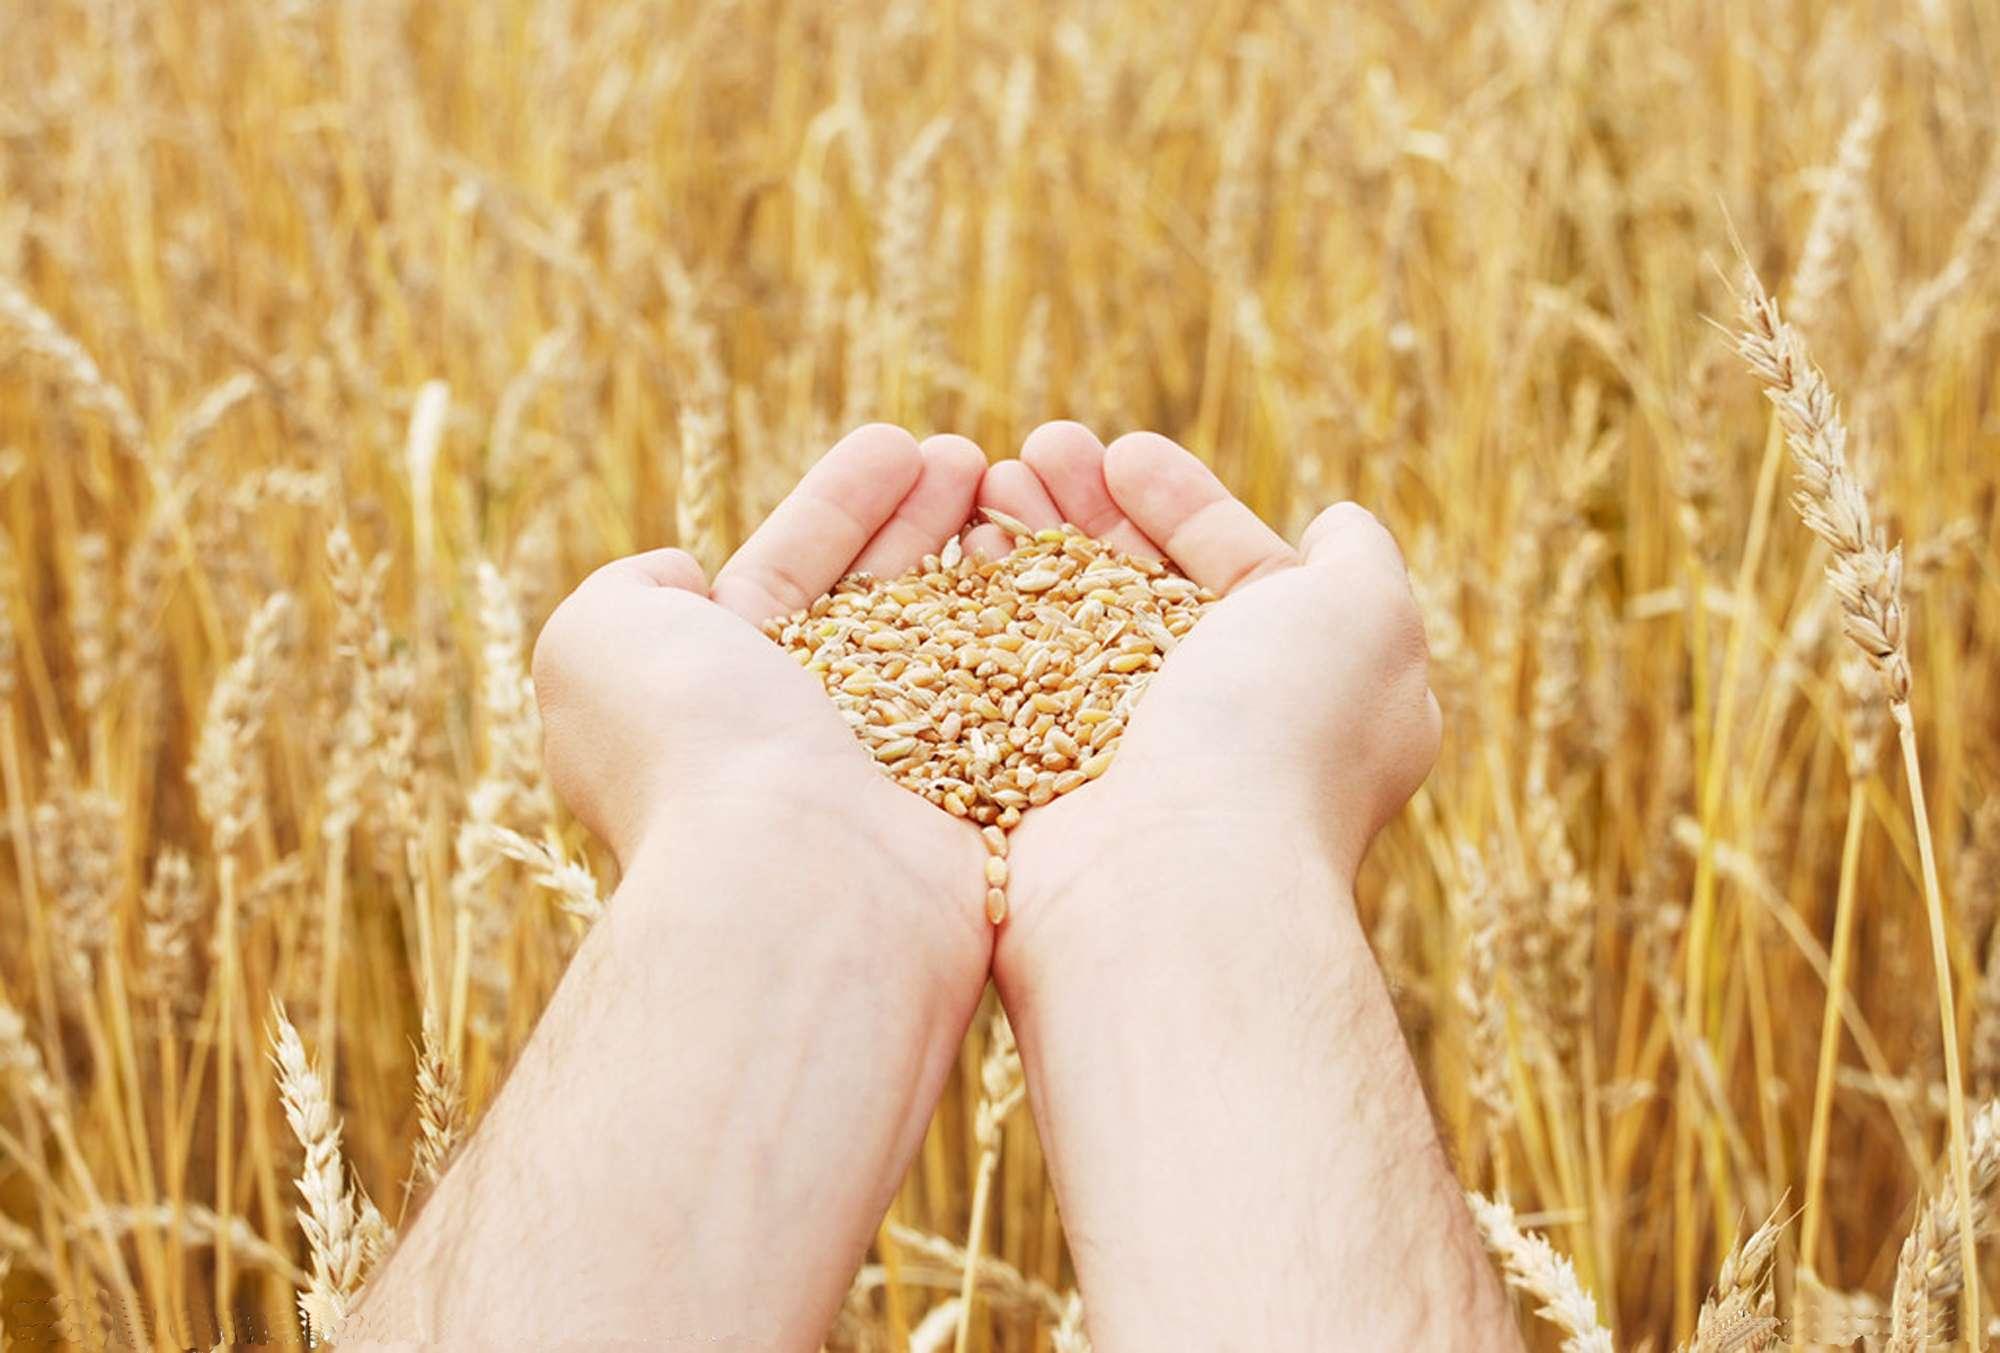 Сколько намолотили зерна аграрии Казахстана